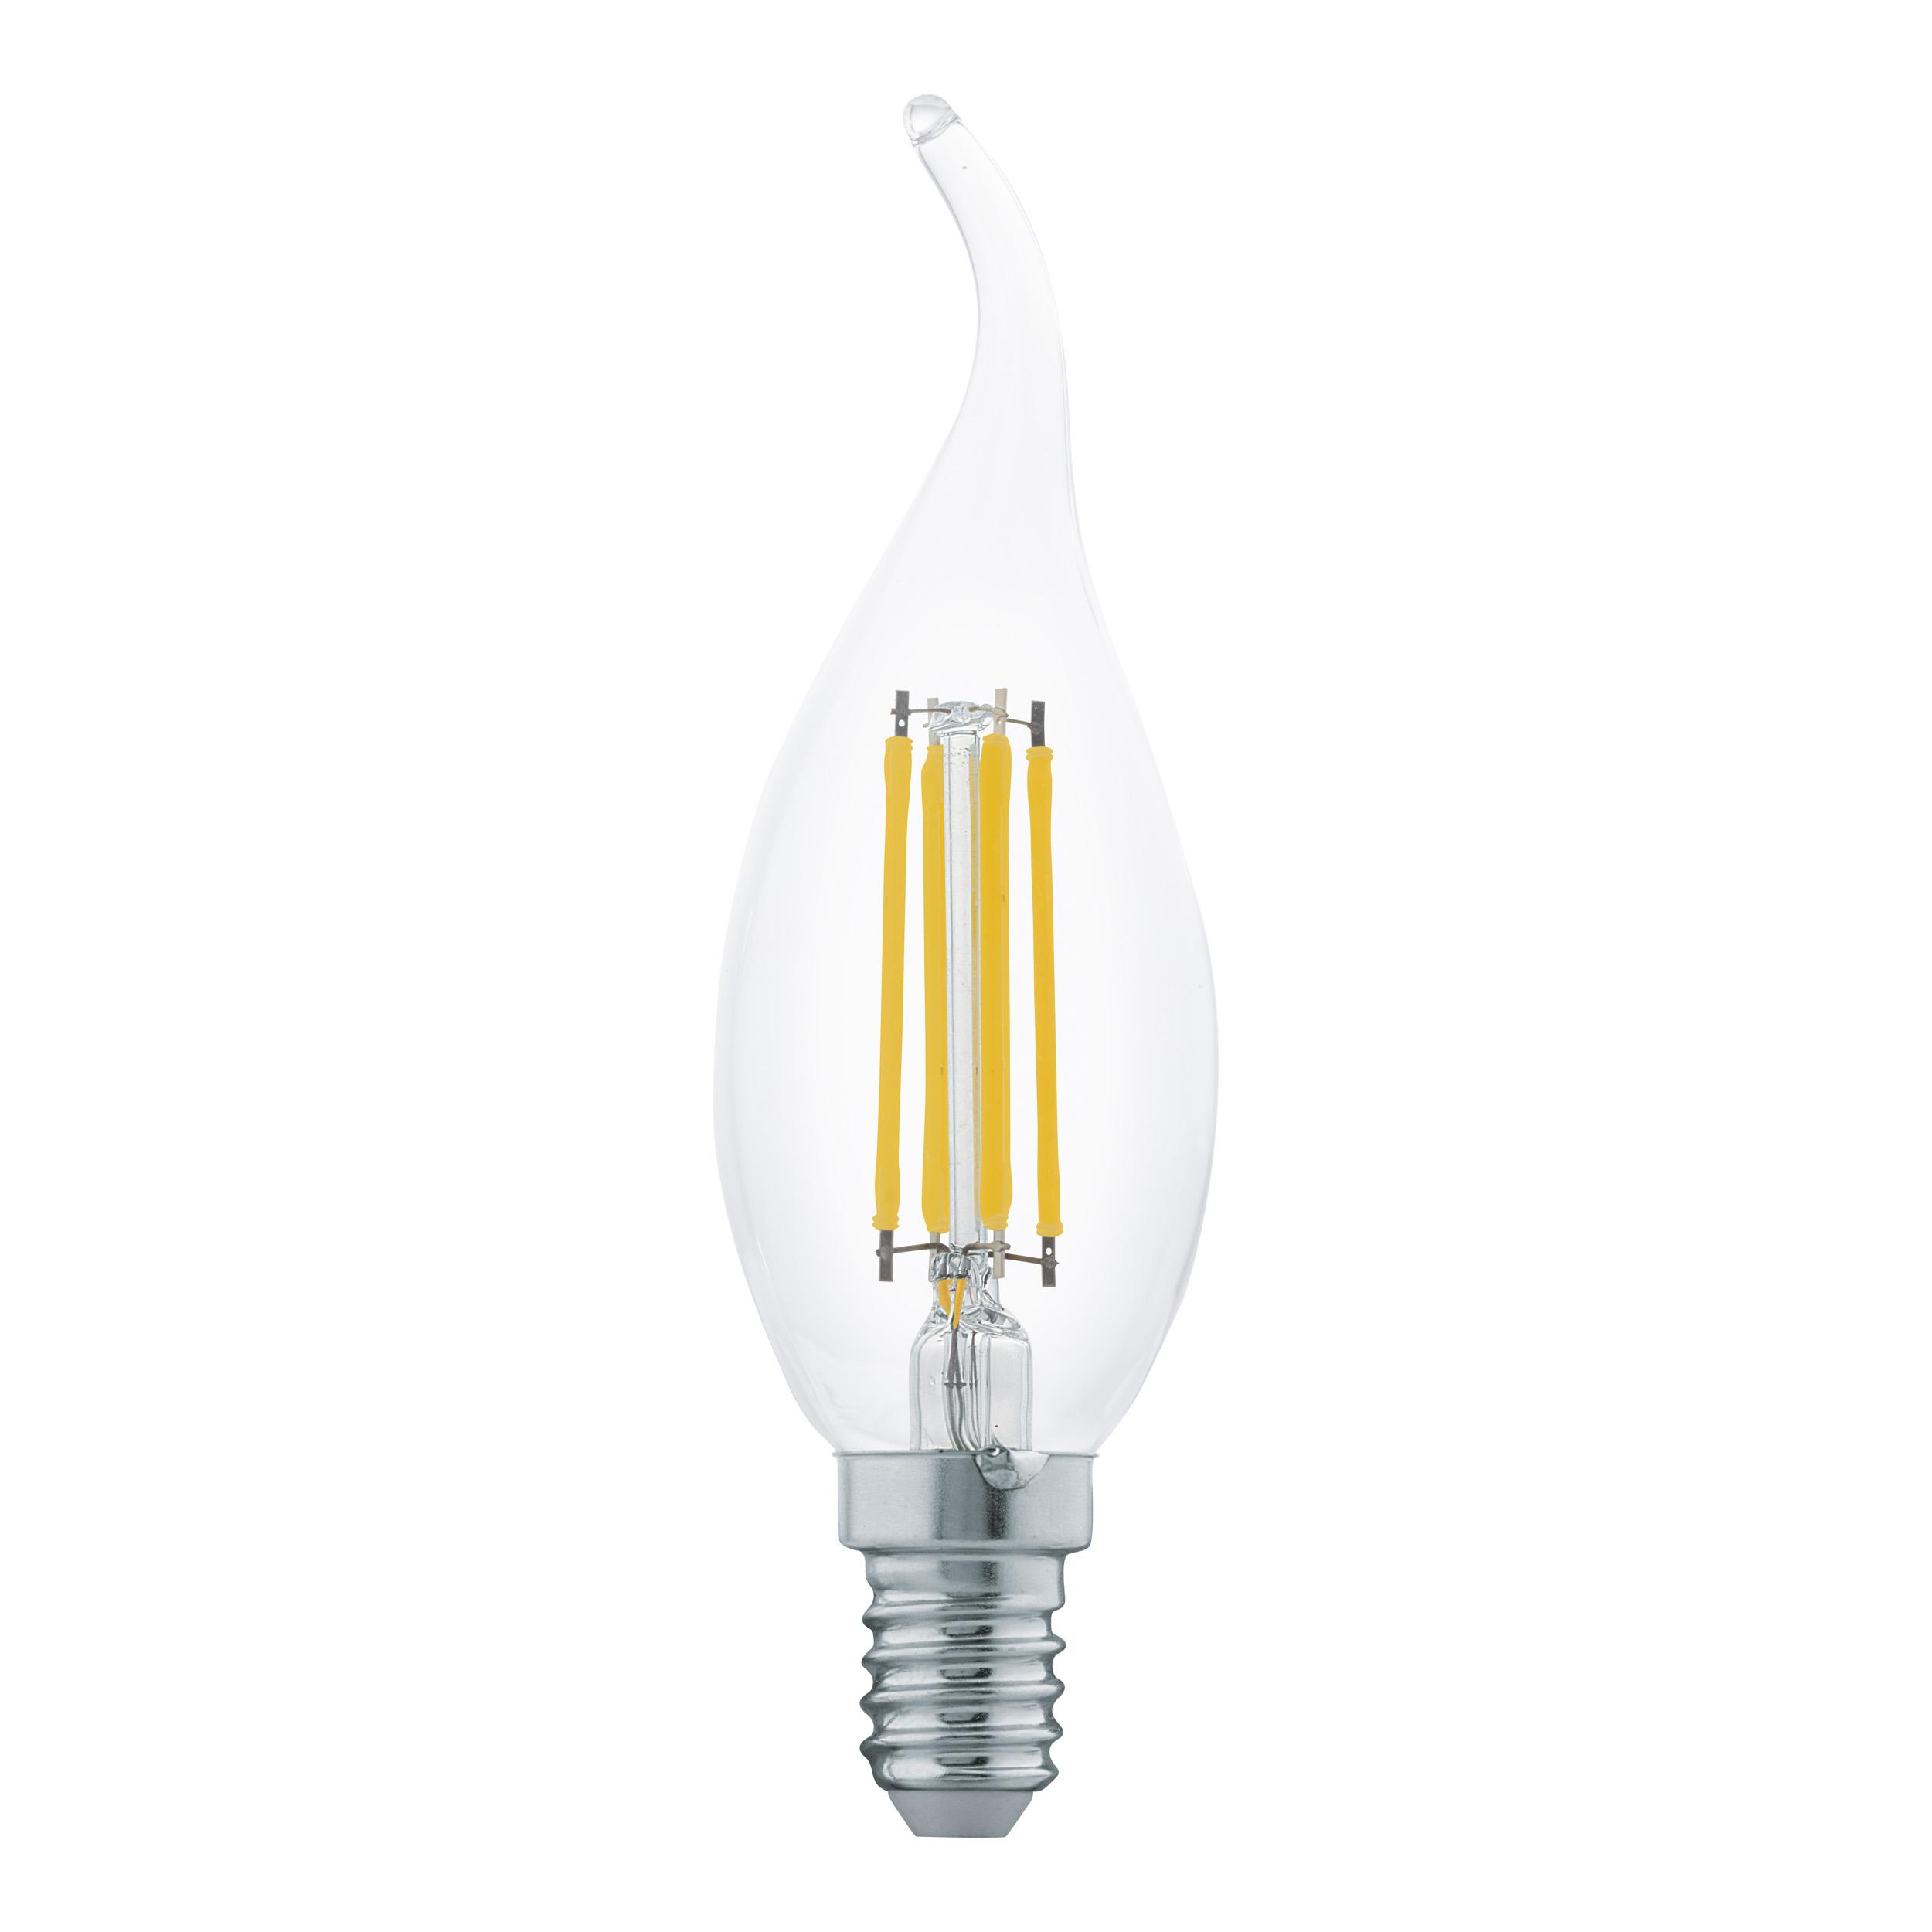 1 Stk E14-LED-CF35 4W / Windstosskerze 2700  LI69215---